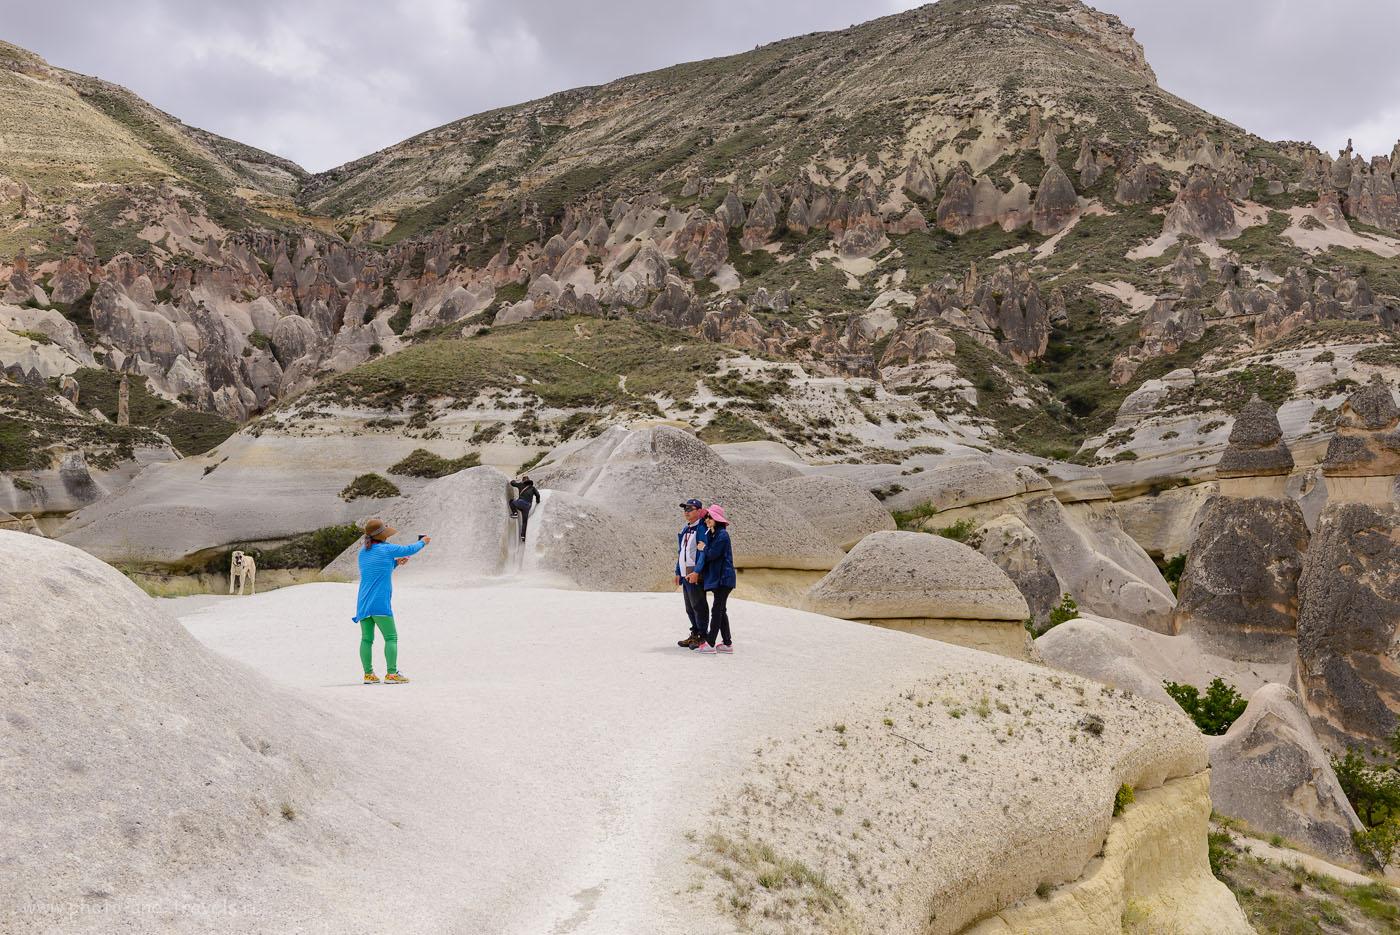 Снимок 15. Туристы на смотровой площадке рядом с Paşabağı Vadisi. Отзывы туристов об отдыхе в Турции. 1/500, +0.33, 8.0, 160, 44.